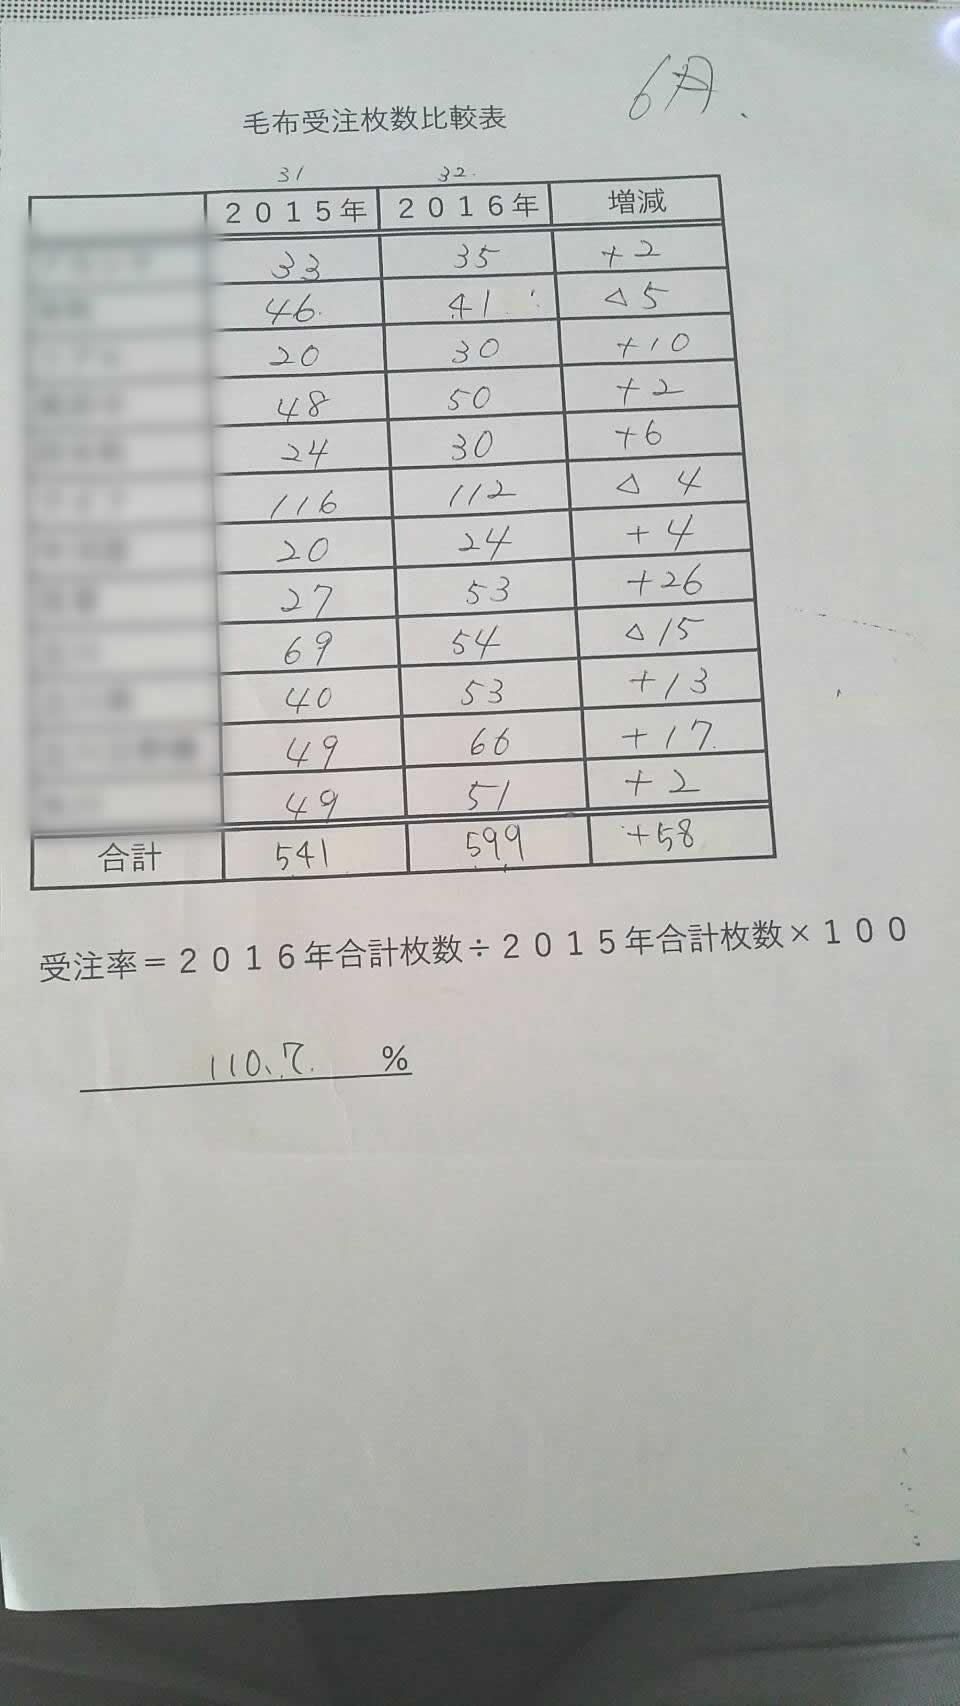 毛布・布団 結果2